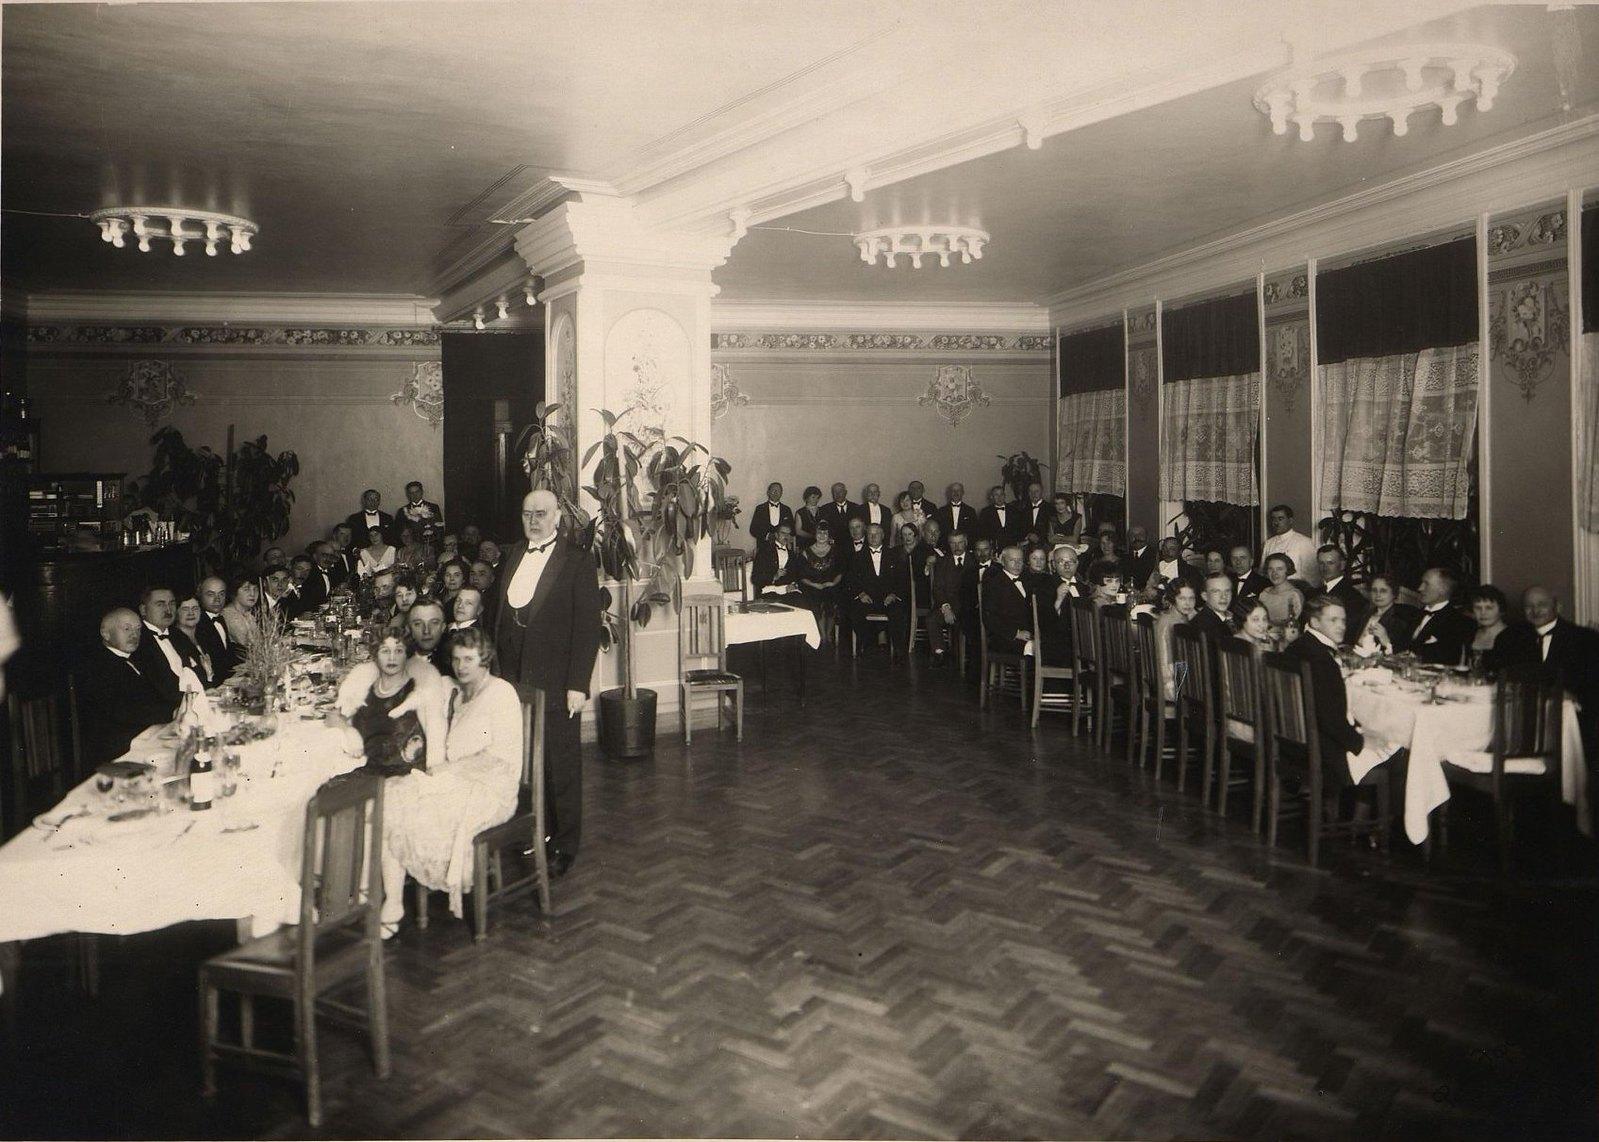 1920-1930-е. Группа дипломатов с женами. Банкет. Харбин